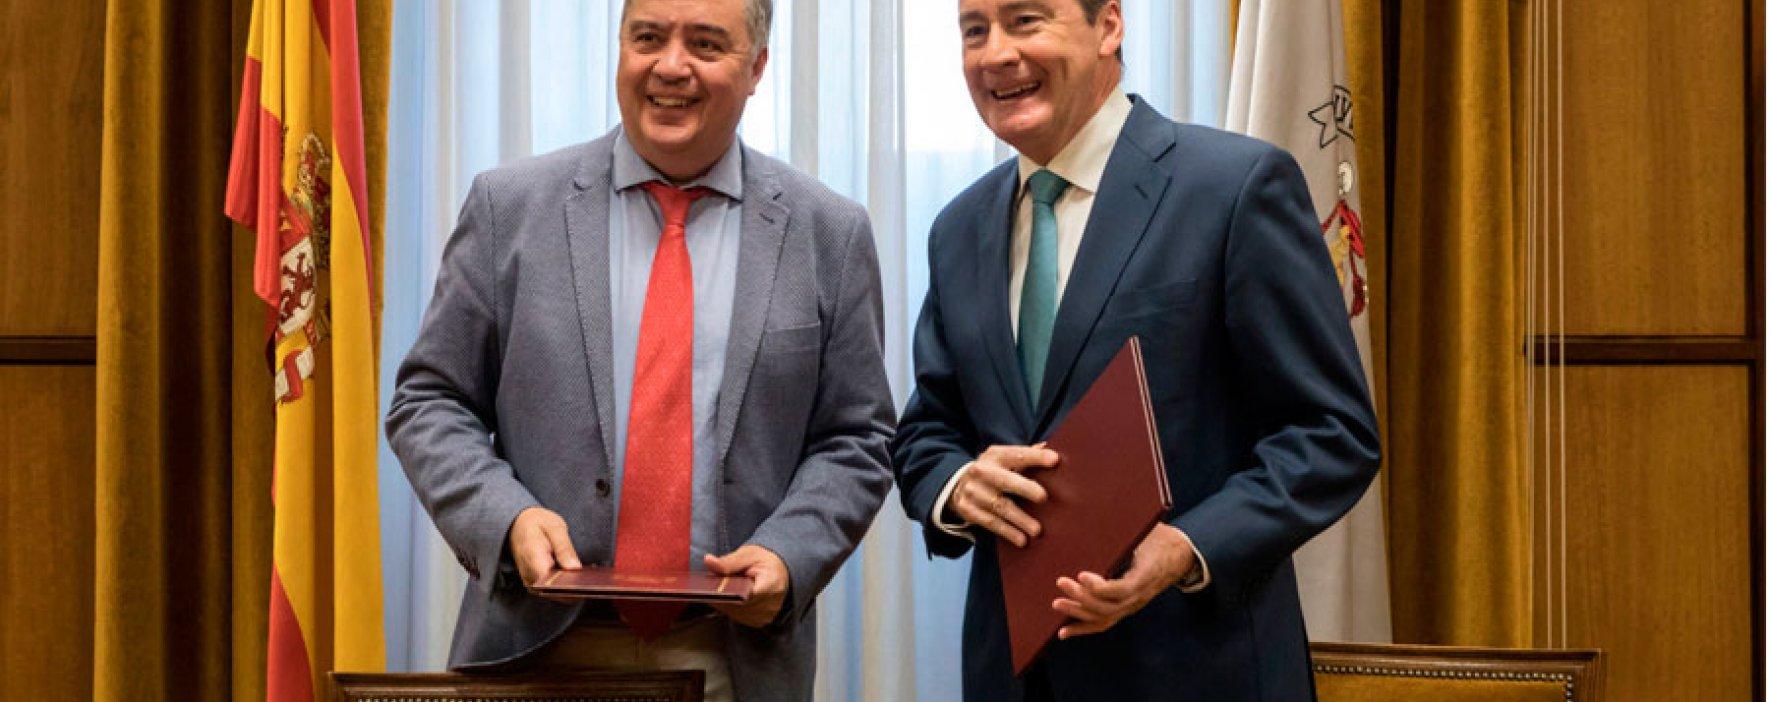 Fundación SM y Universidad de Alcalá firman acuerdo para divulgar Matemáticas Activas